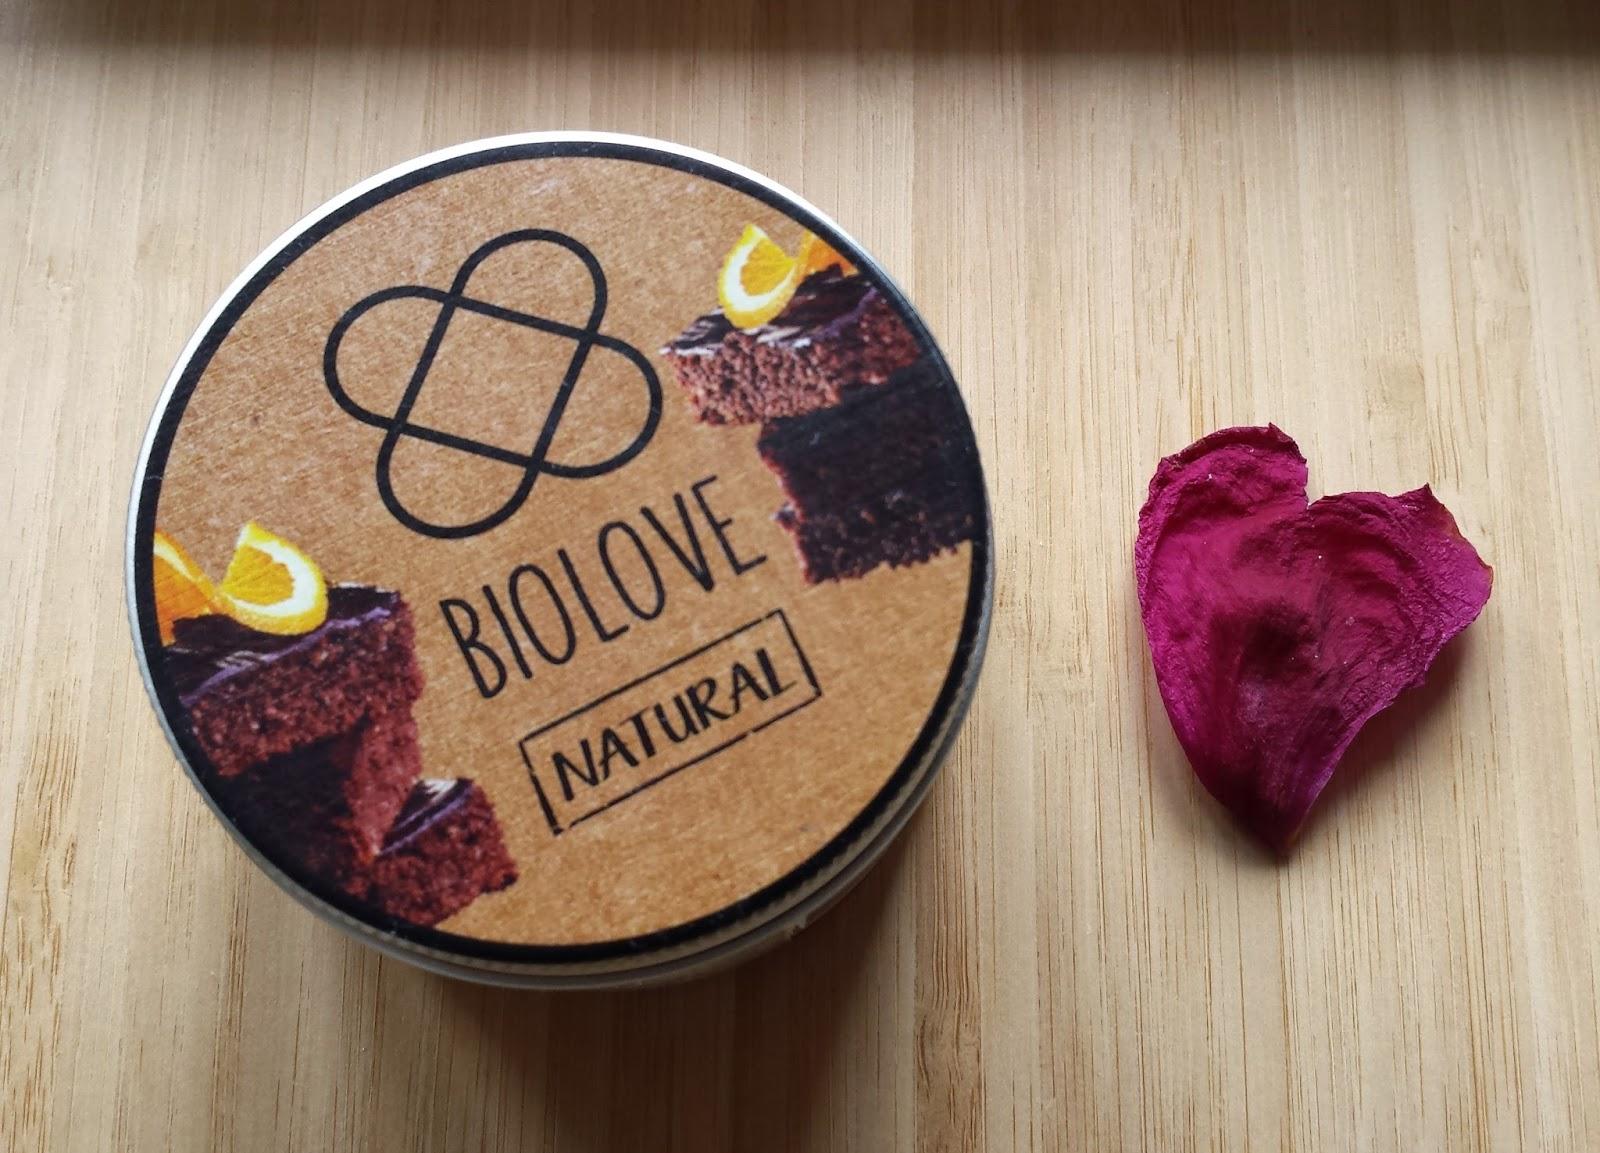 Biolove mus do ciała o zapachu brownie z pomarańczą, polskie kosmetyki, kosmetyki naturalne